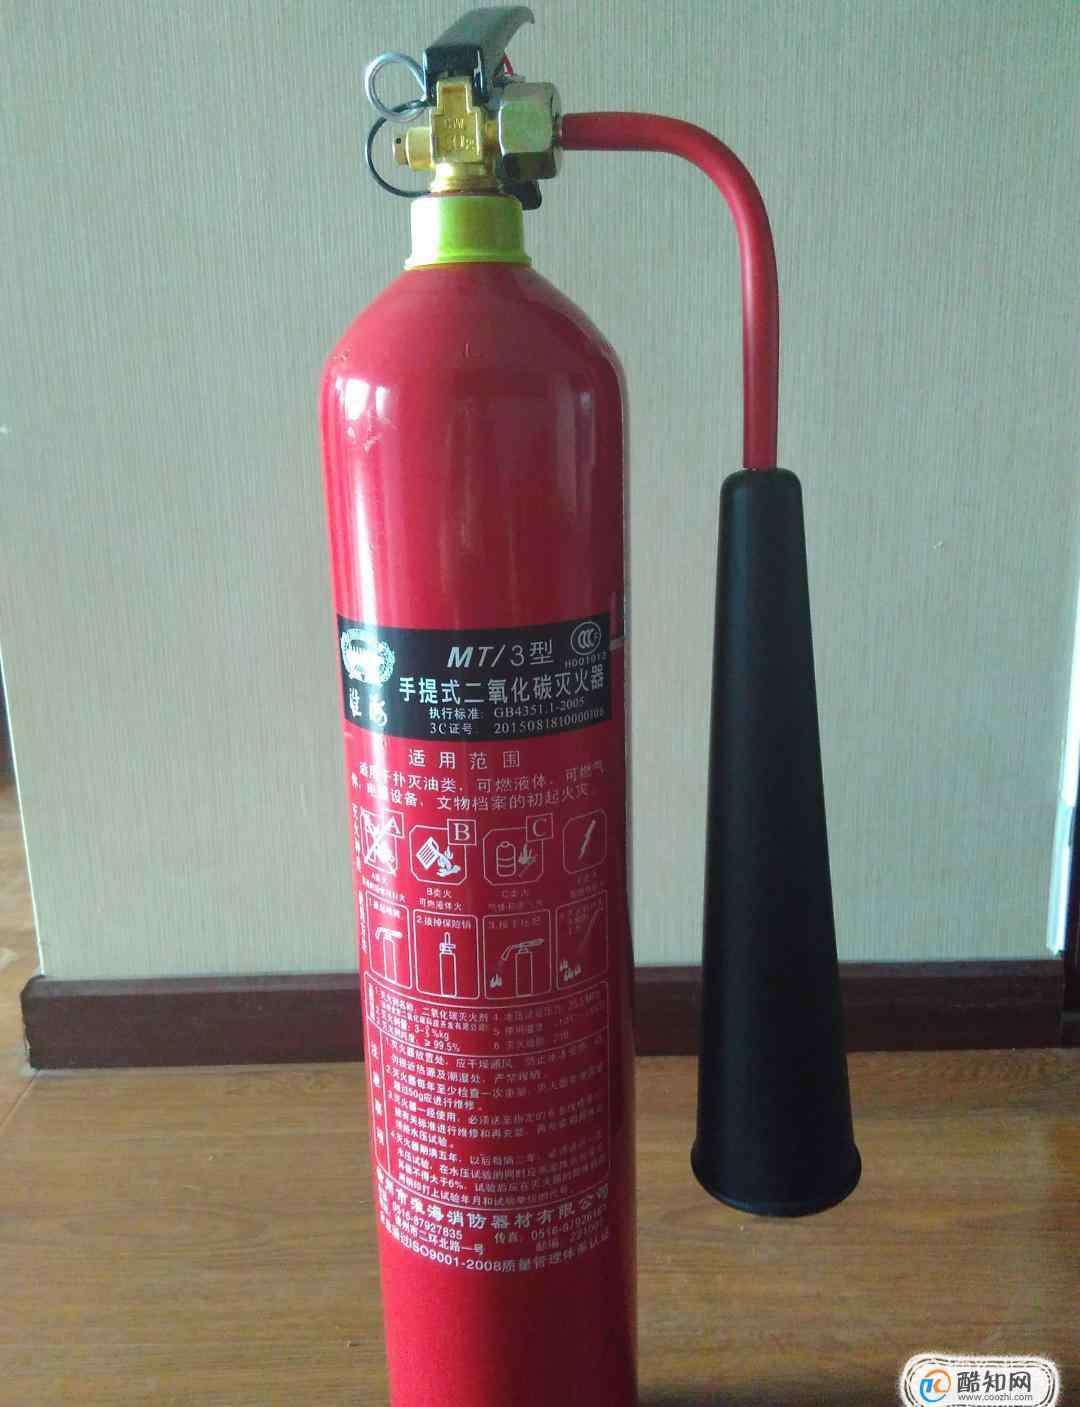 灭火器种类 电器着火时,可以使用哪些类型的灭火器?